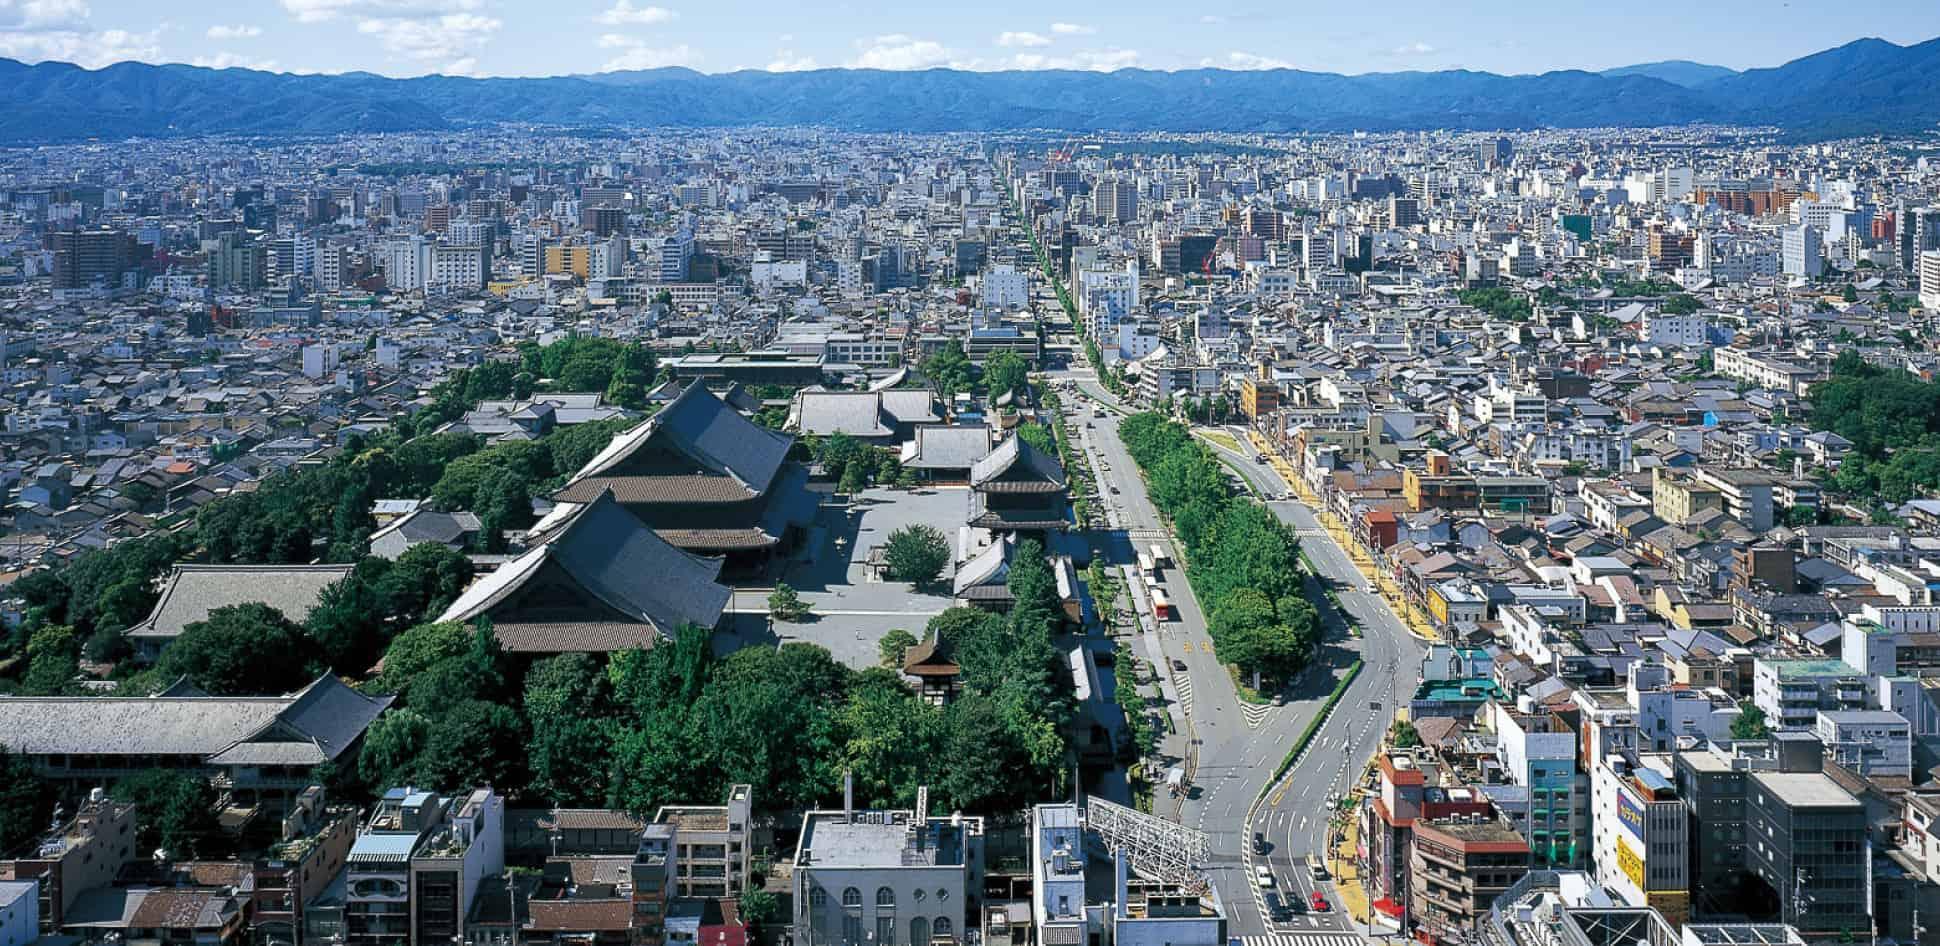 ชมวิวแบบพาโนราม่าได้ที่ Kyoto Tower